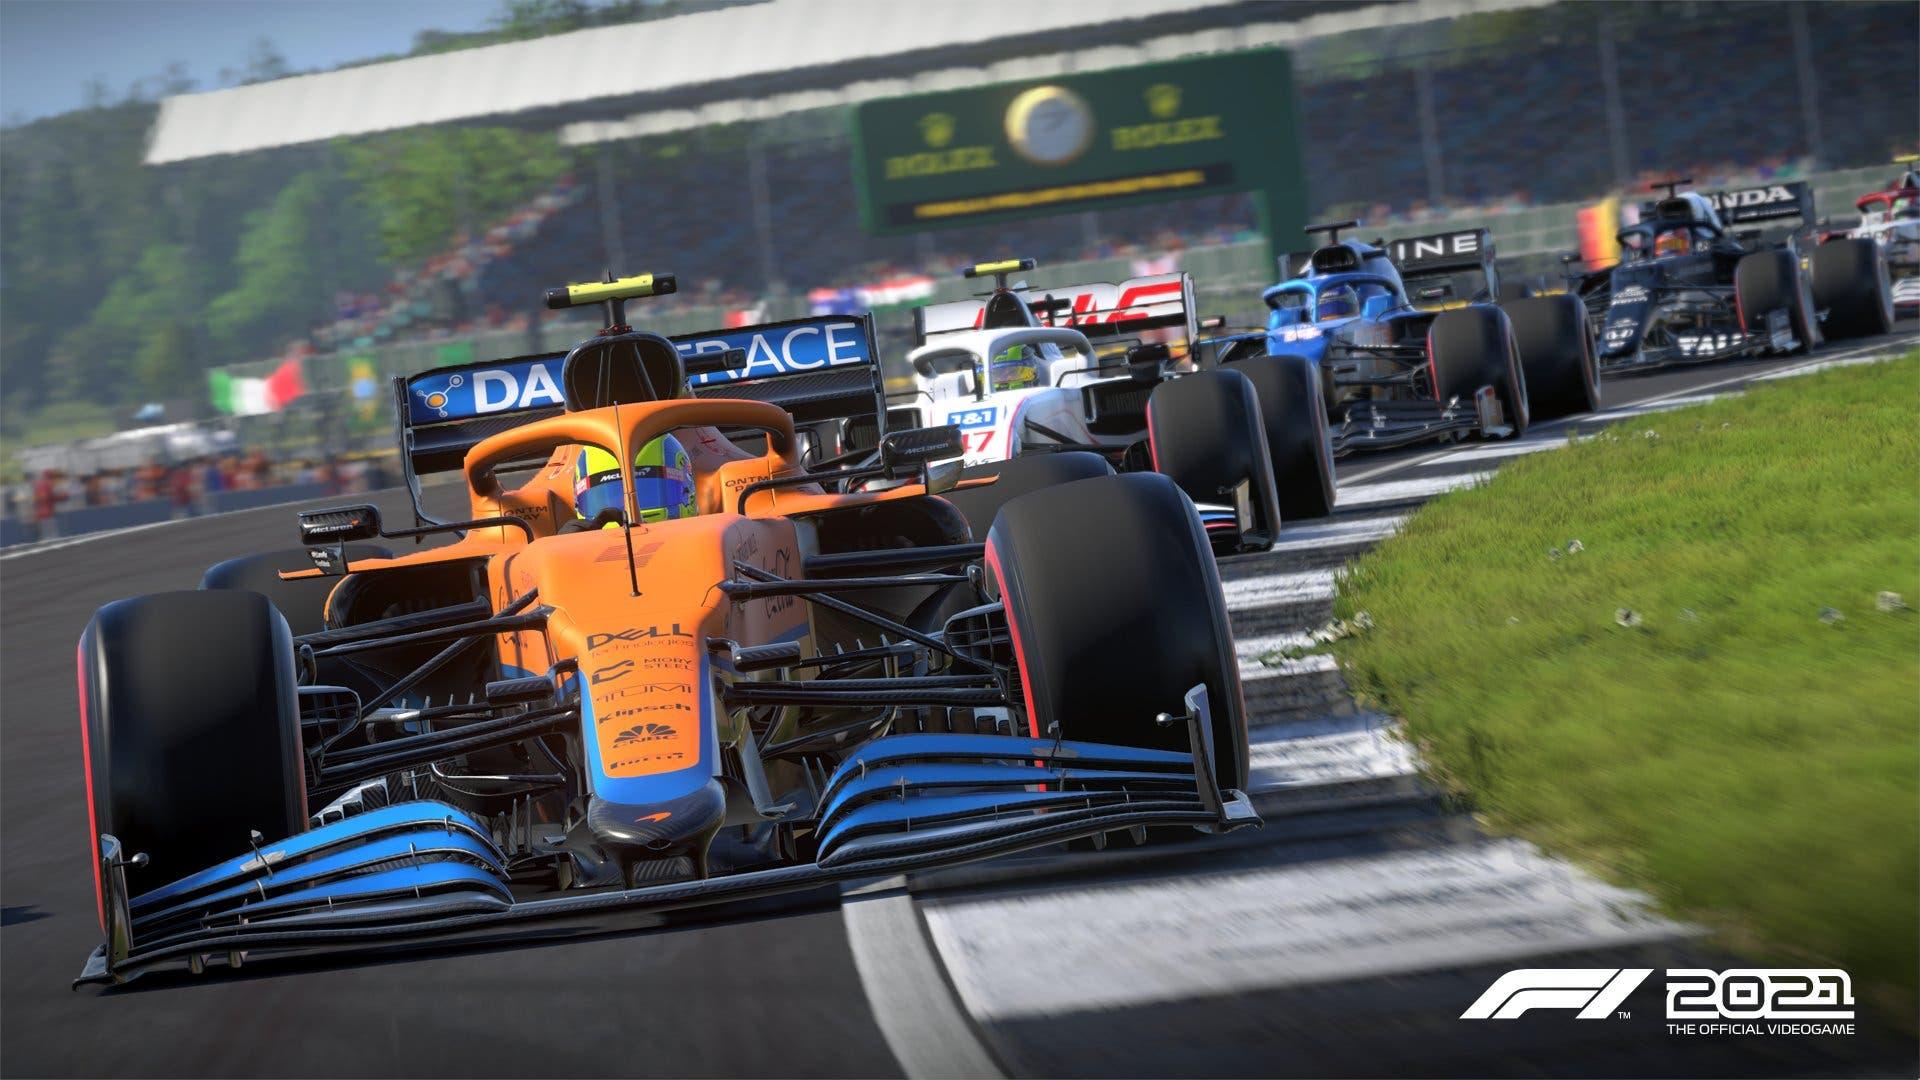 f1-2021-official-screenshot-3 Découvrez les premières images de F1 2021!